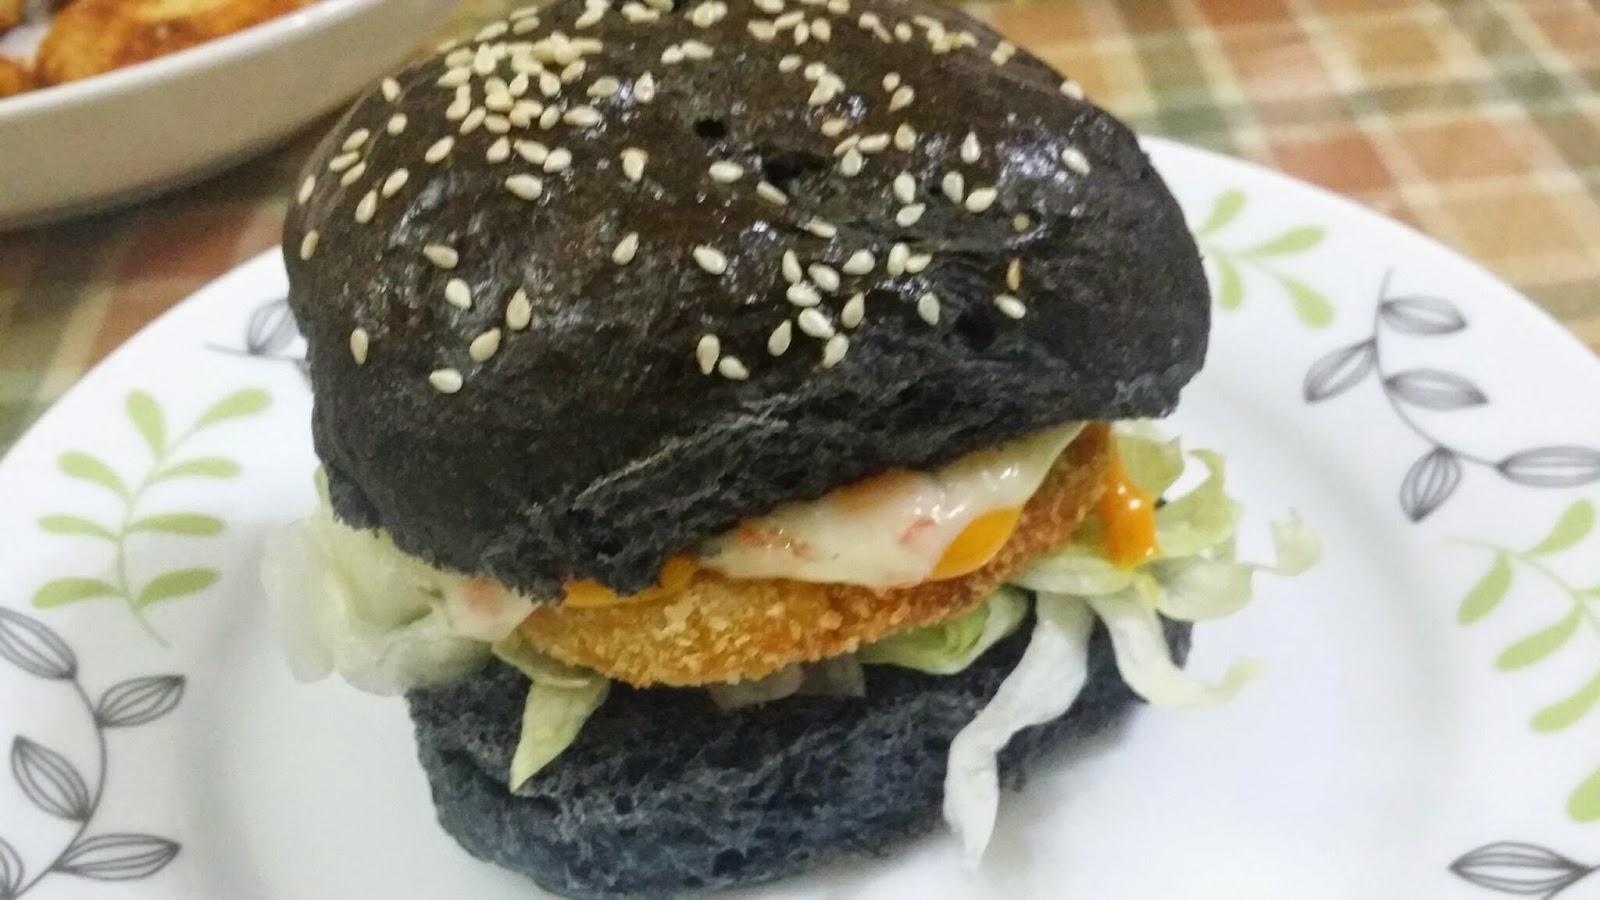 Buat Sarapan, Bekal SekolahKerja - Burger Ayam Isi